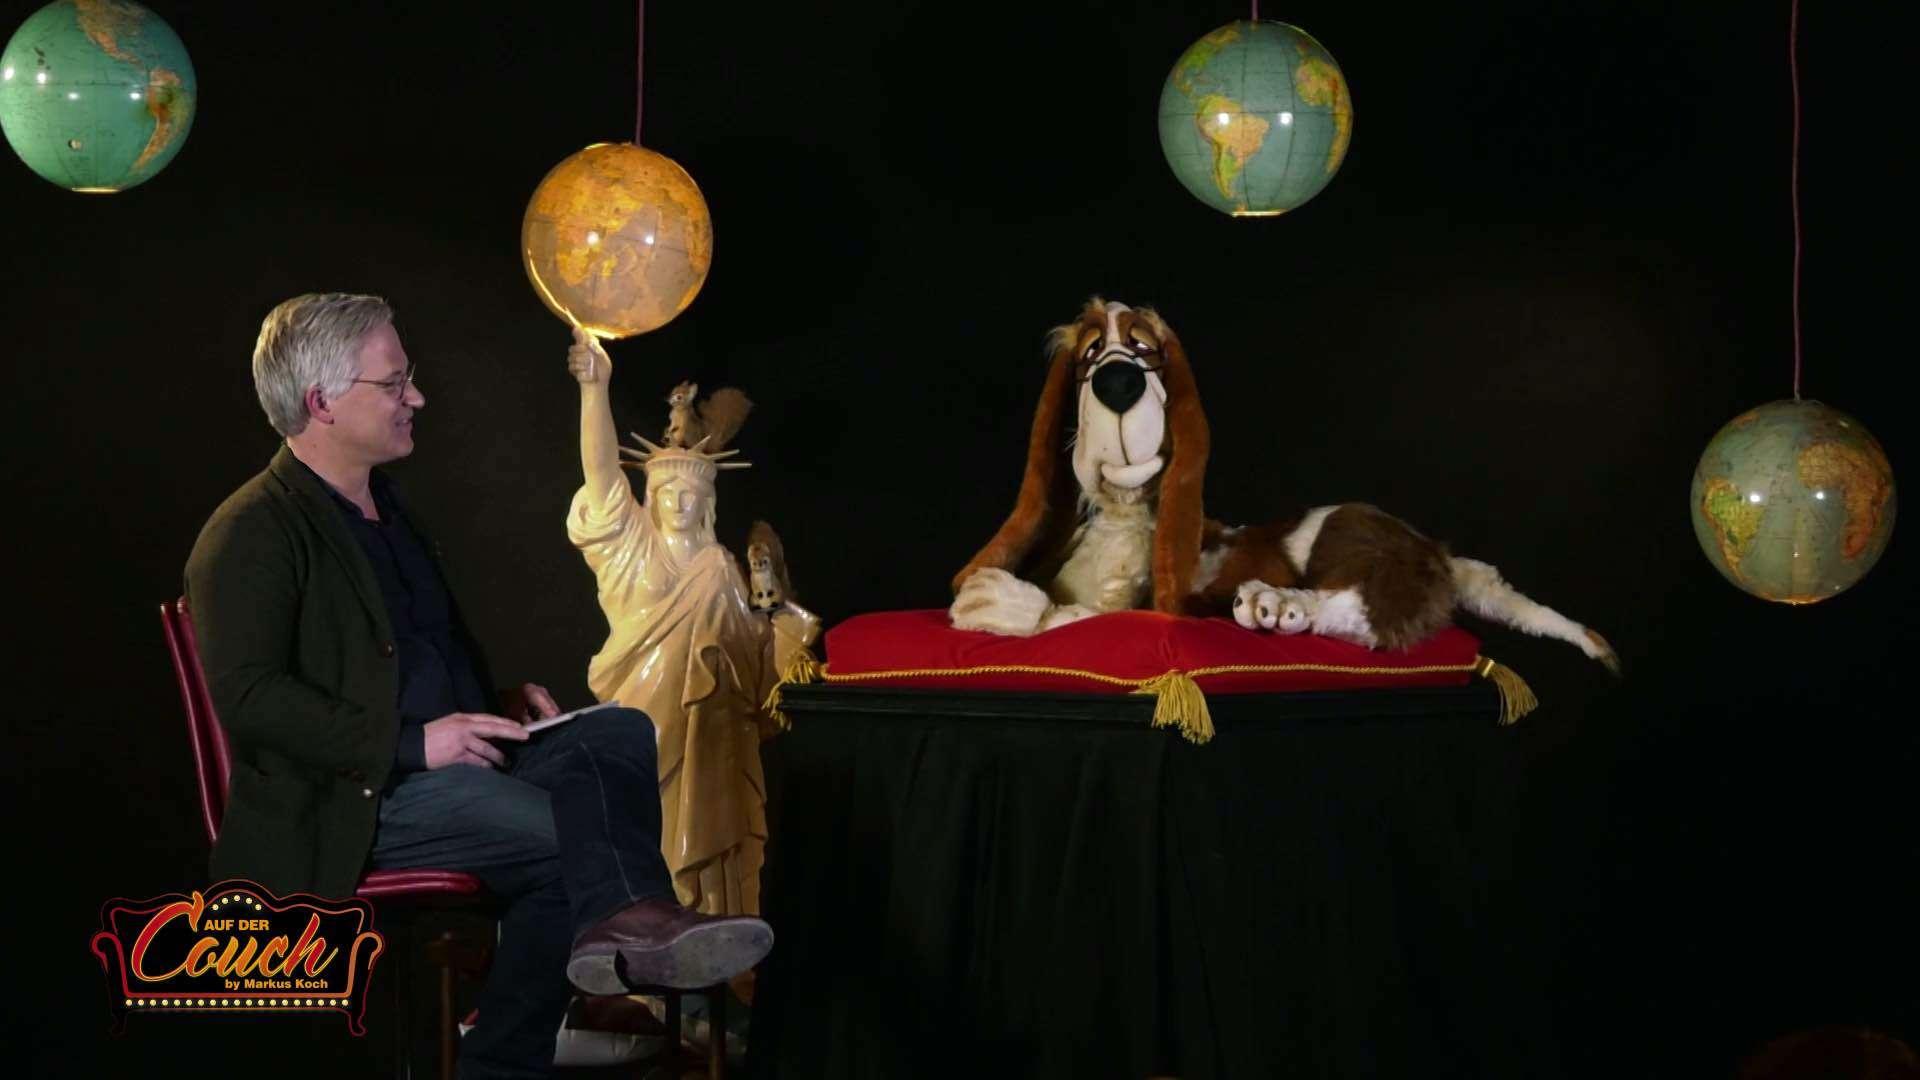 Markus Koch unterhält sich mit einem Kuscheltier Hund in seinem Studio von